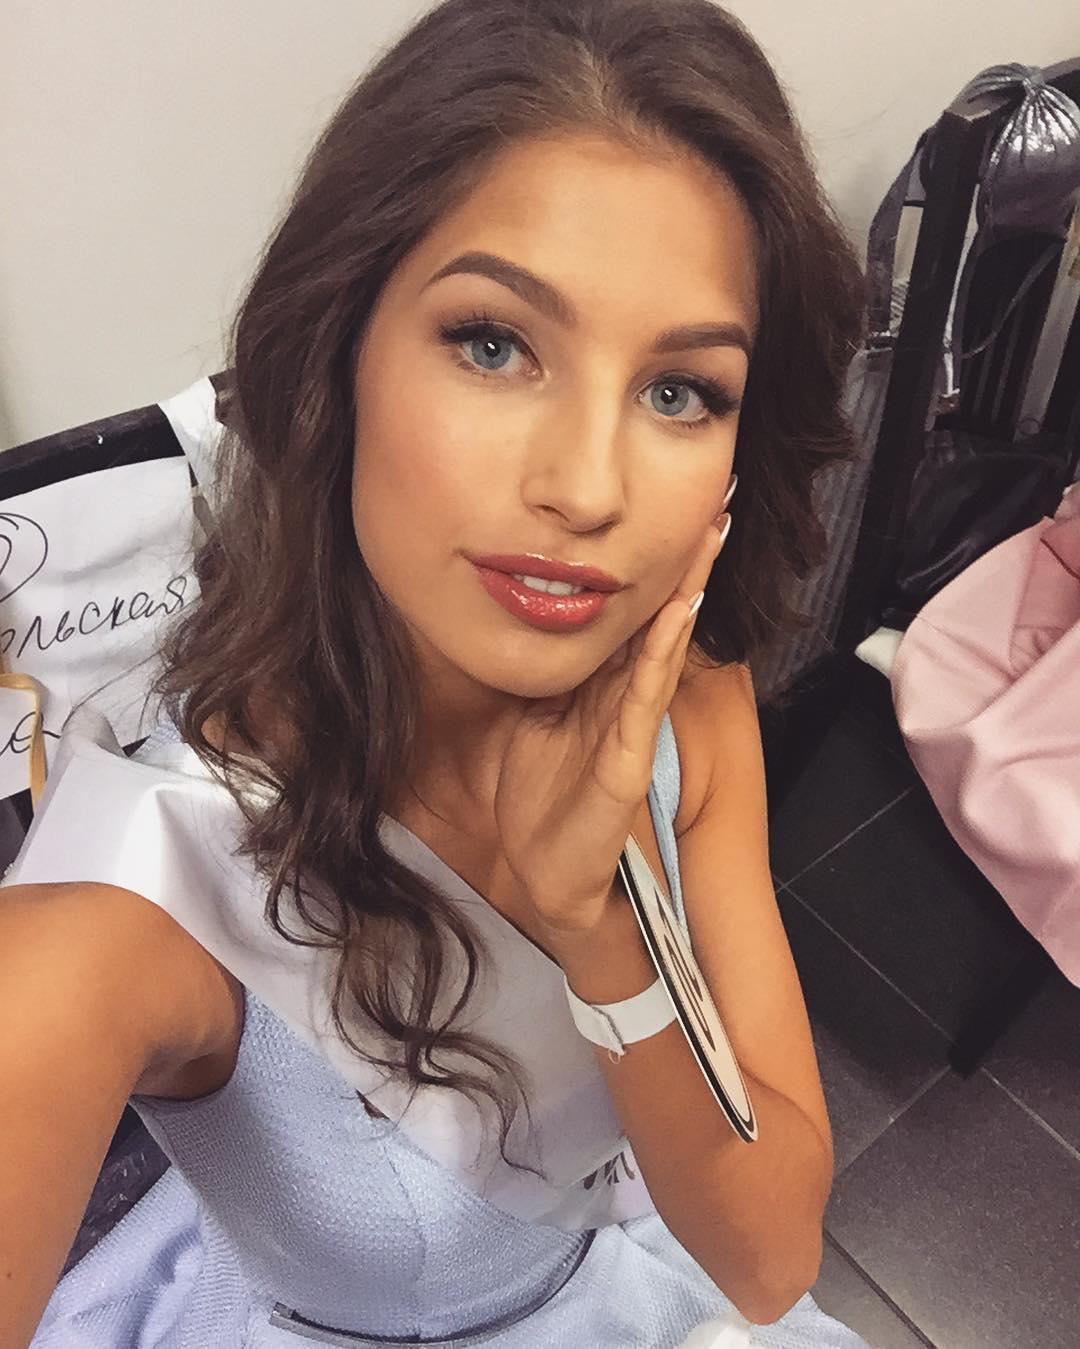 мисс россия-2016 яна добровольская фото